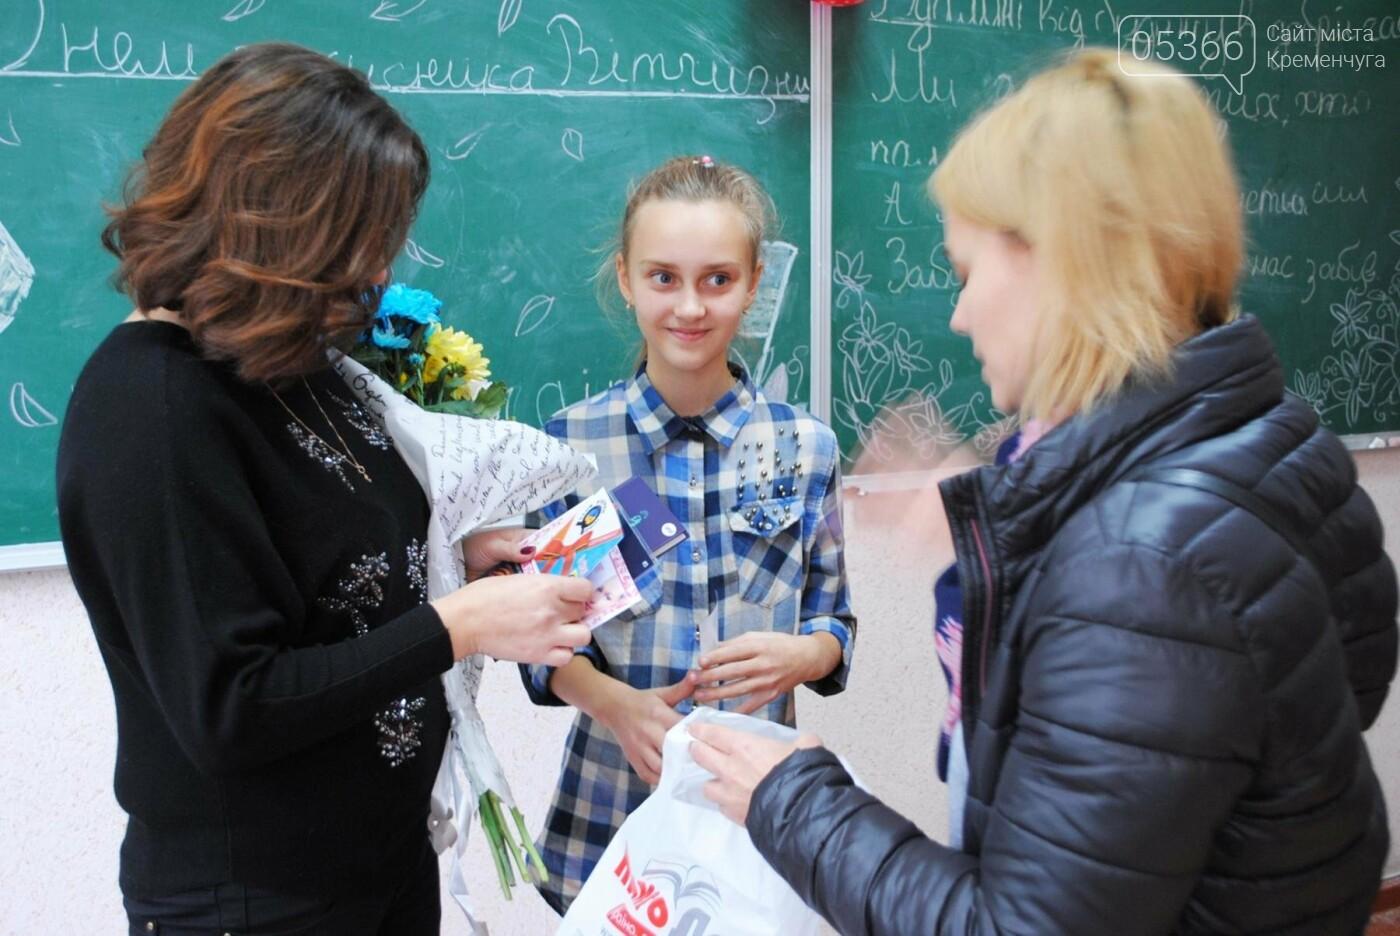 Лучший подарок для учителя - признание и любовь учеников (ФОТО), фото-17